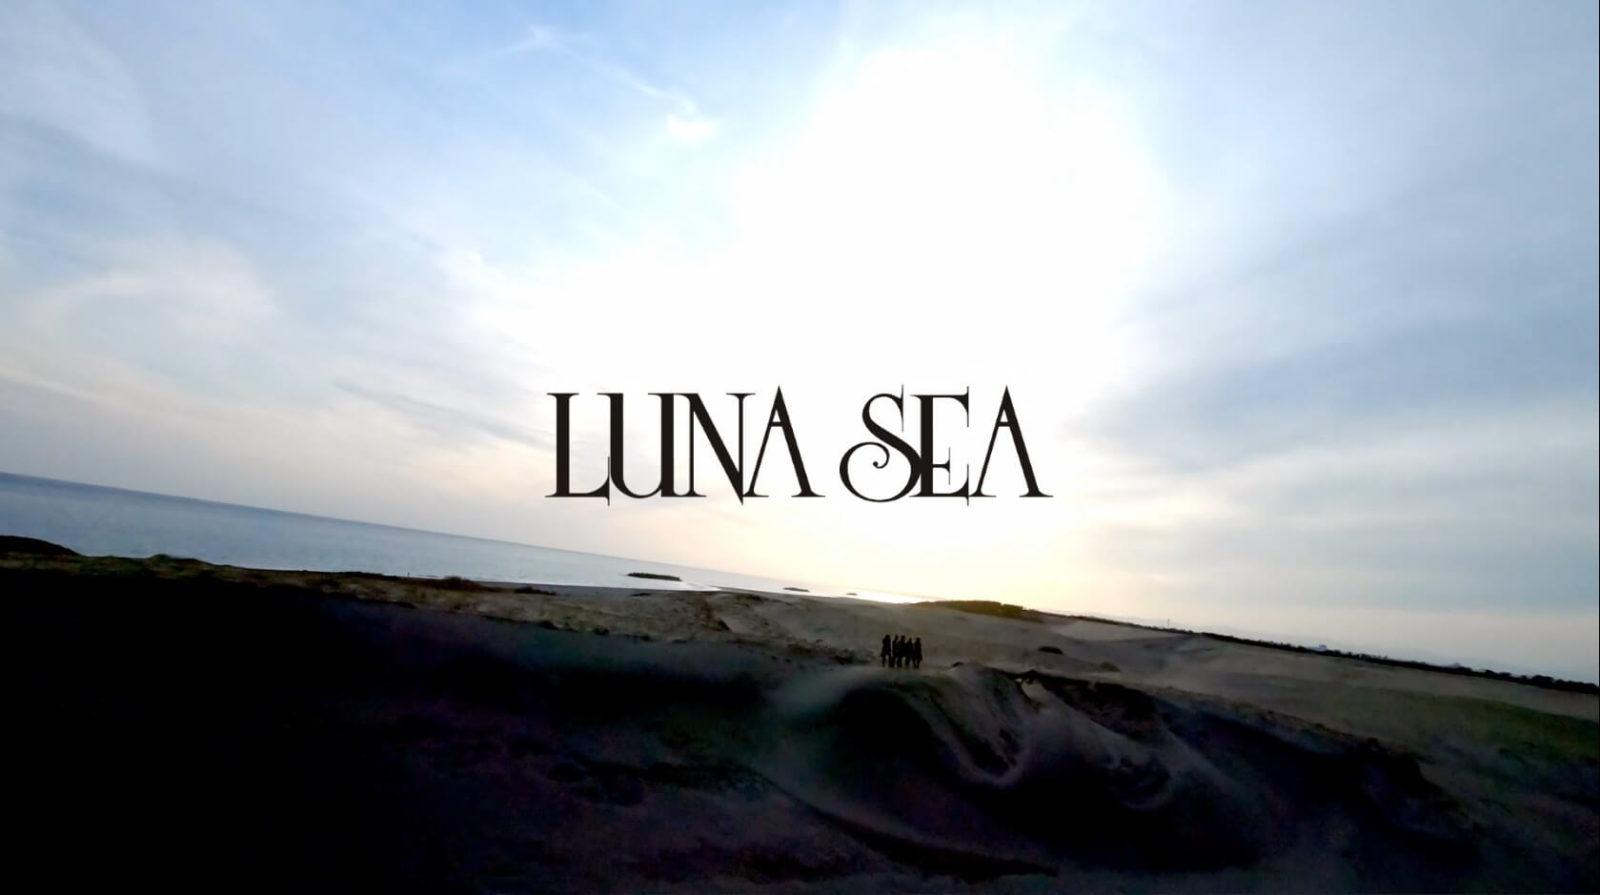 LUNA SEA ダブルAサイド・ニューシングルより「悲壮美」MVが完成サムネイル画像